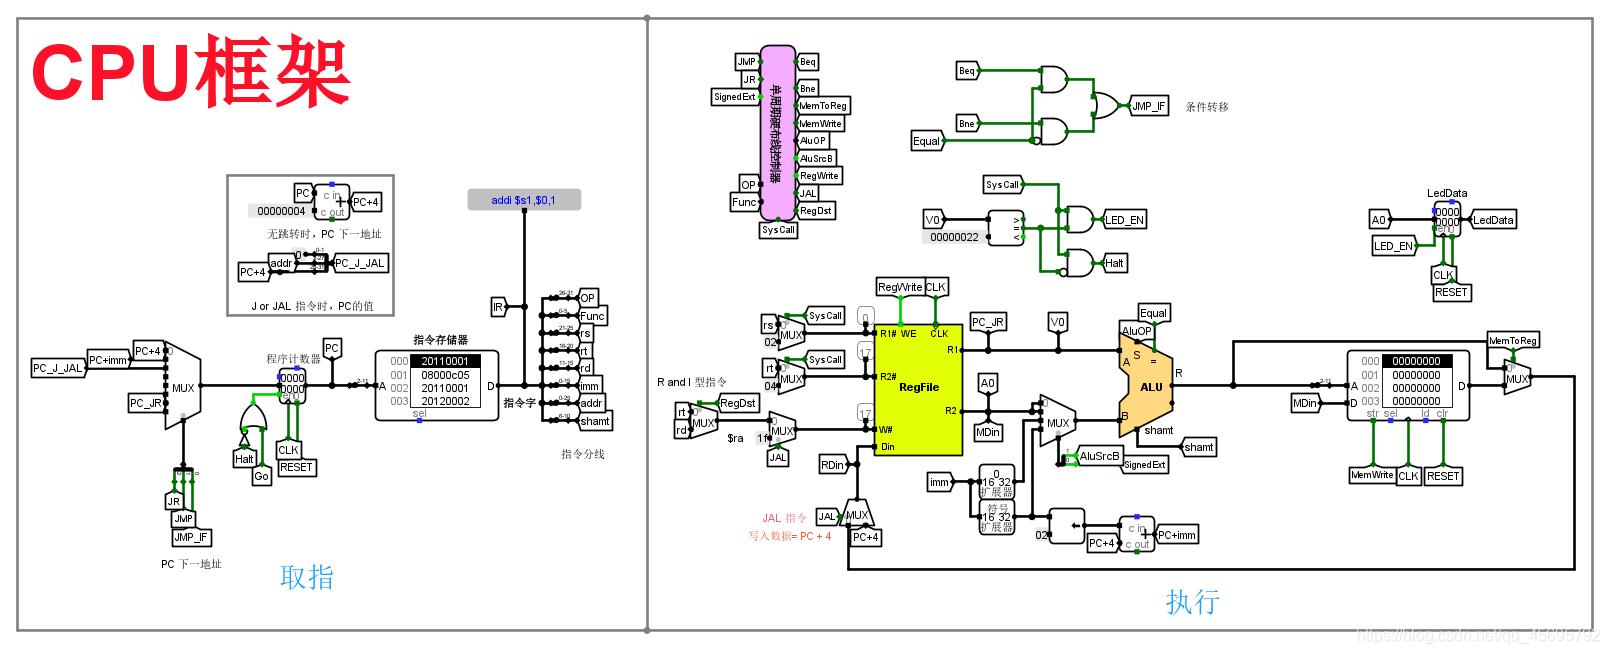 完整 CPU 框架